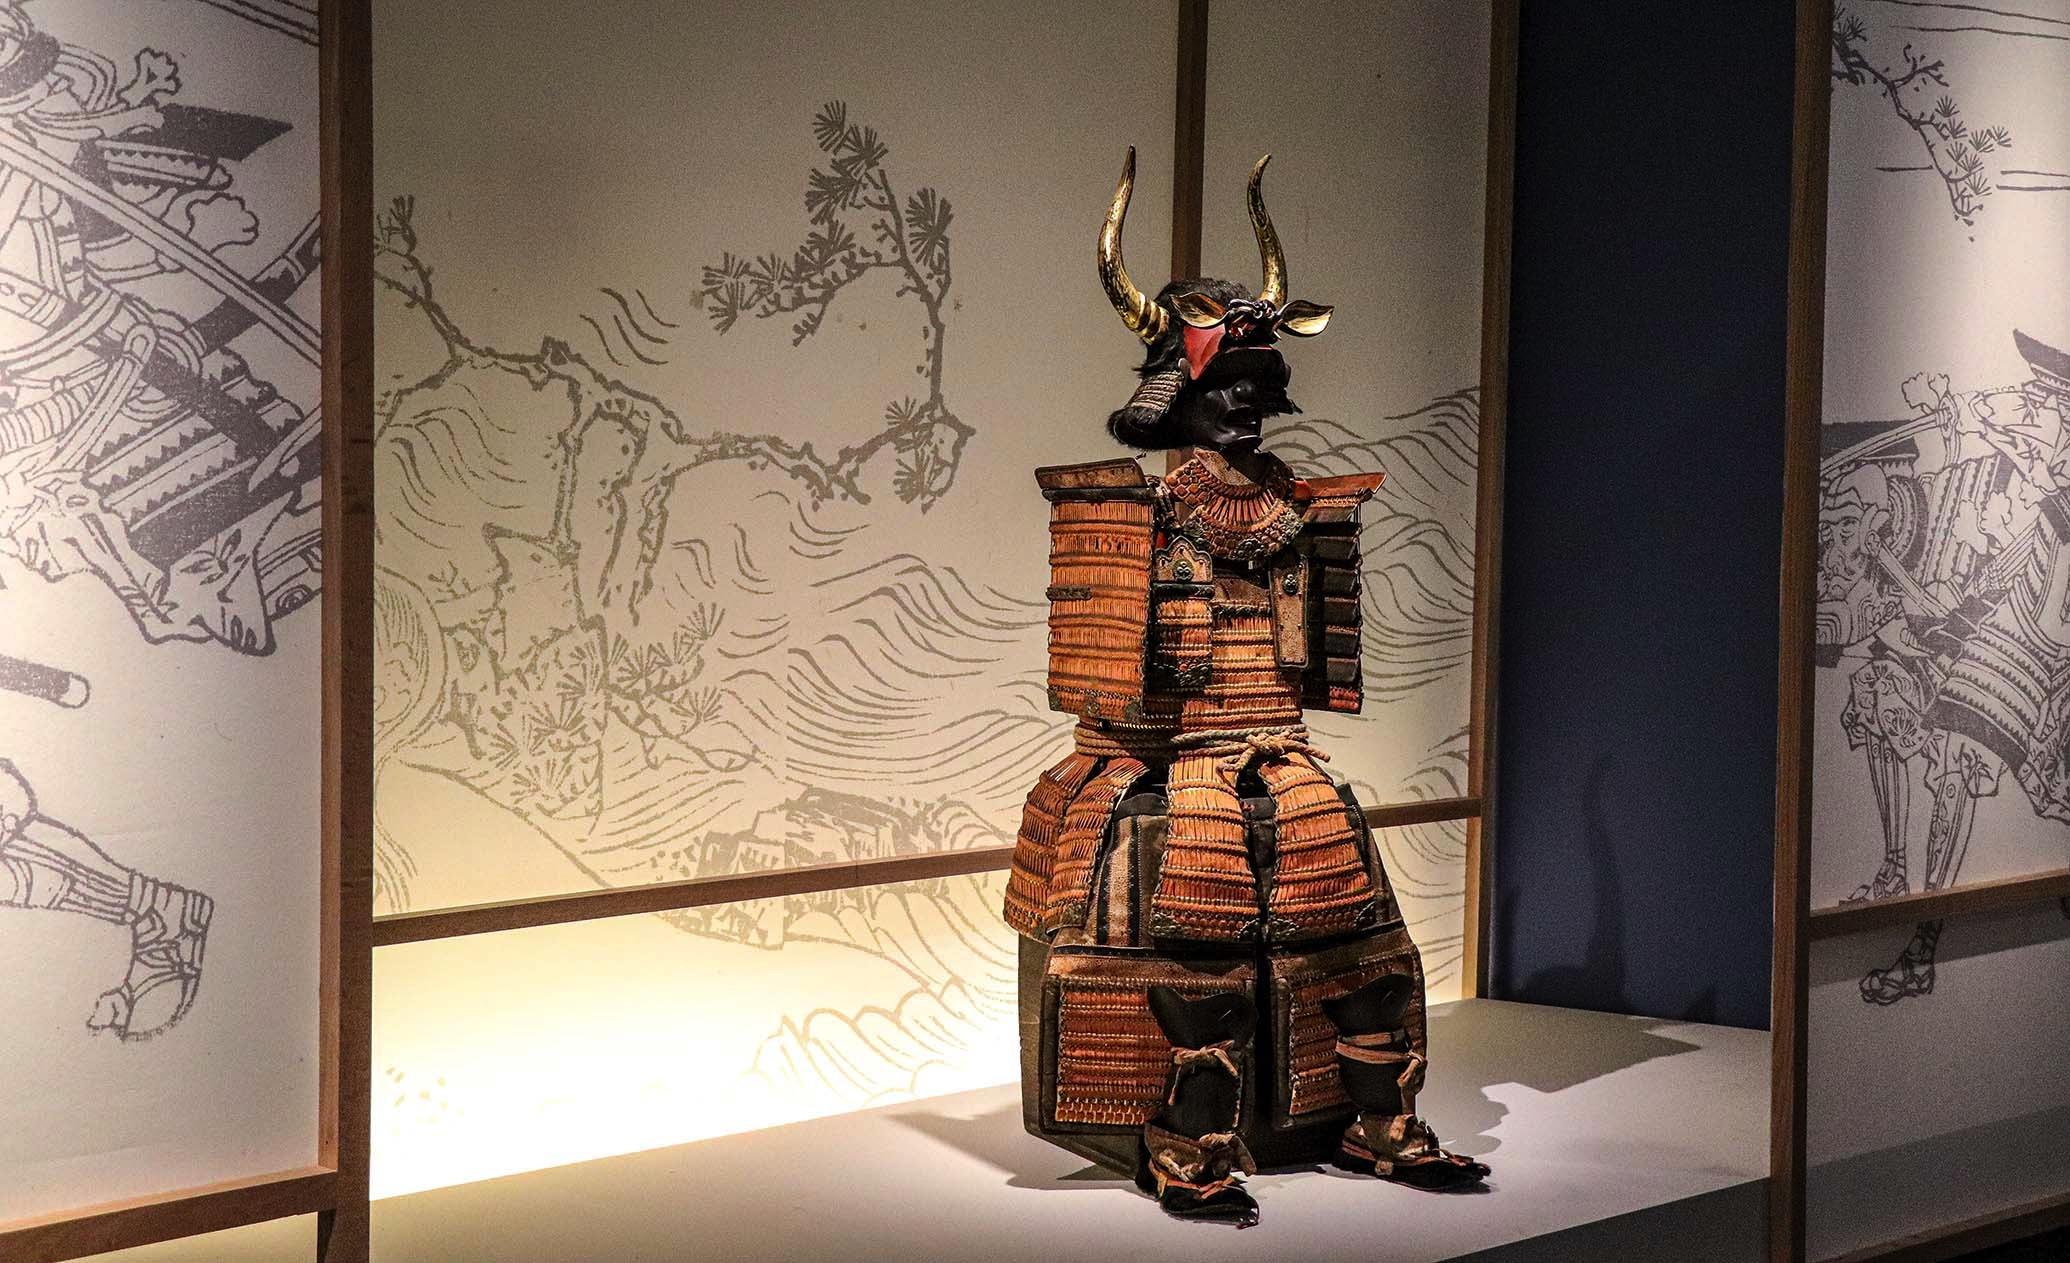 Armadura de un samurái, símbolo del honor y la decadencia.